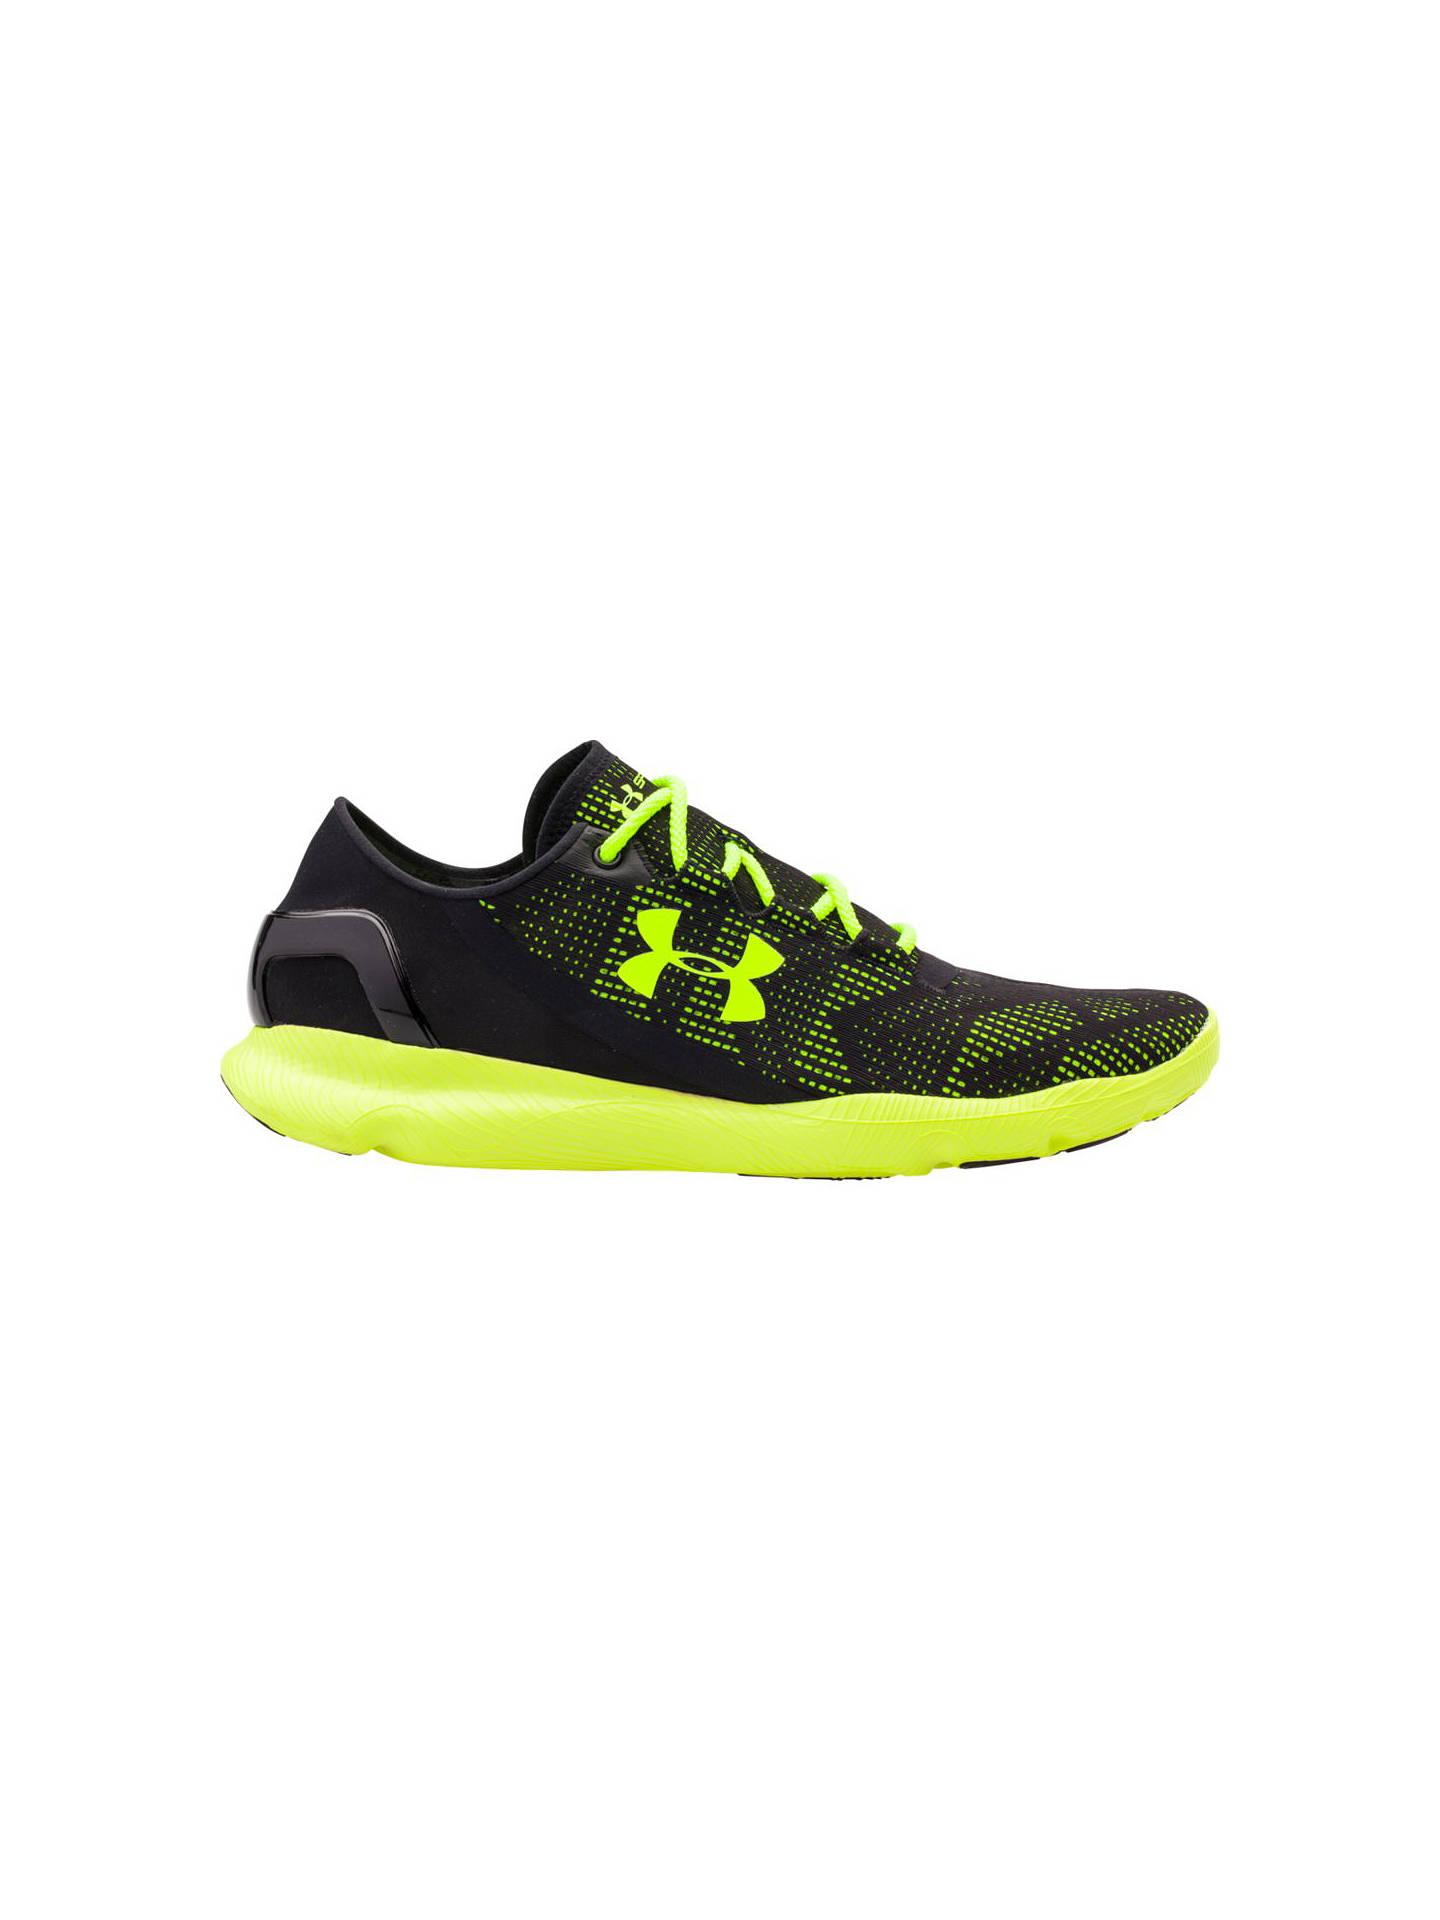 the latest c5247 e744b Under Armour SpeedForm Apollo Vent Men's Running Shoes ...